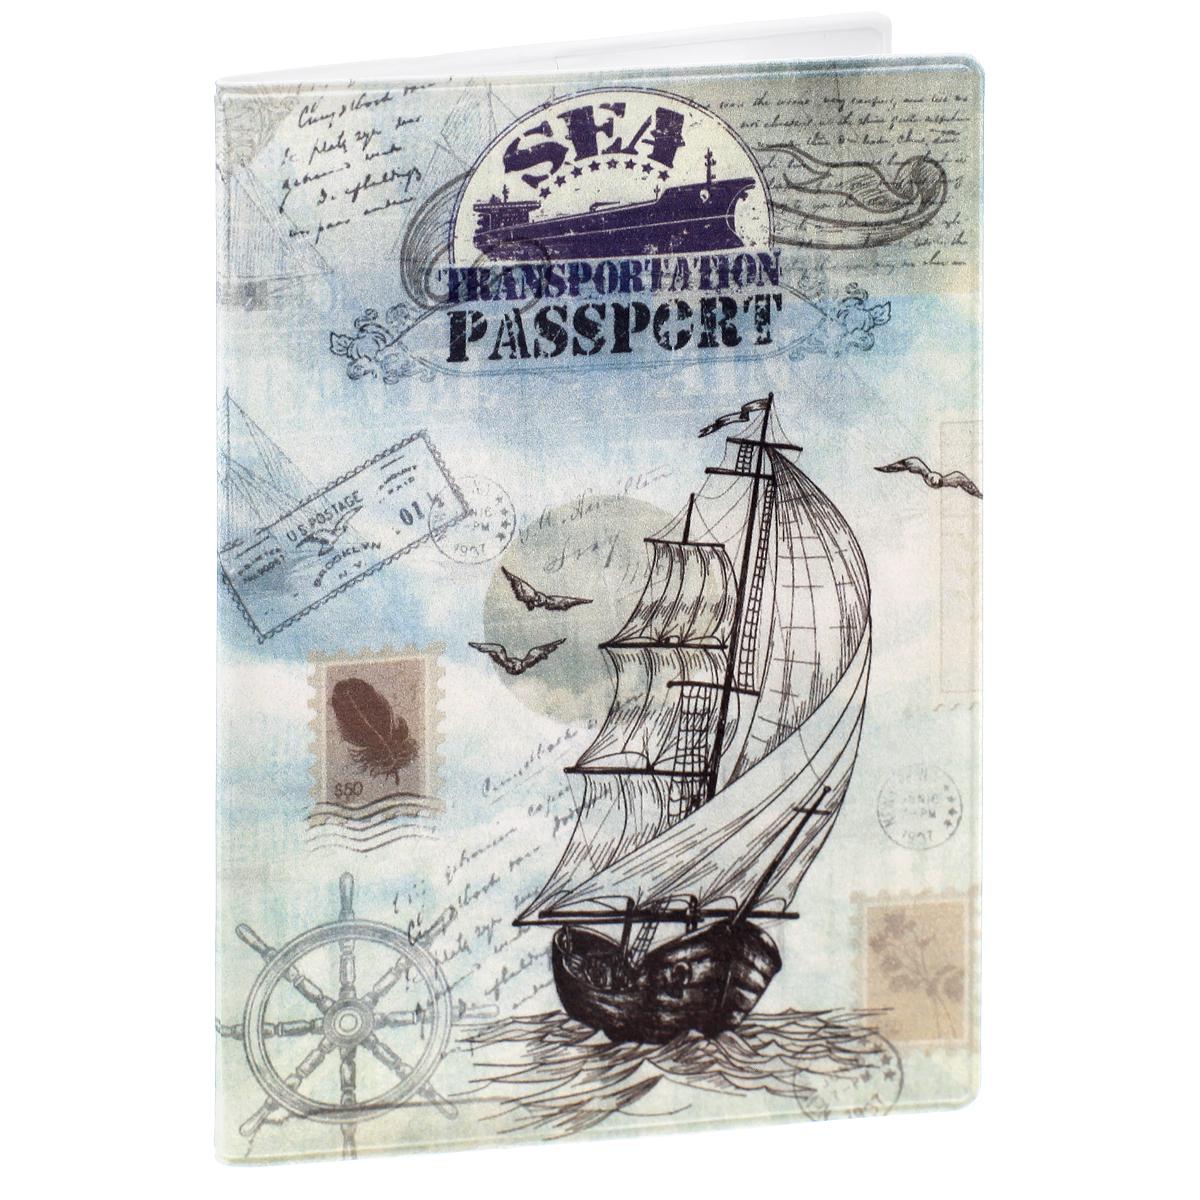 Обложка для паспорта Паруса, цвет: серый, голубой. 3240232402Обложка для паспорта Паруса не только поможет сохранить внешний вид ваших документов и защитить их от повреждений, но и станет стильным аксессуаром, идеально подходящим вашему образу. Обложка выполнена из поливинилхлорида и оформлена оригинальным изображением парусника, плывущего по волнам. Внутри имеет два вертикальных кармана из прозрачного пластика. Такая обложка поможет вам подчеркнуть свою индивидуальность и неповторимость!